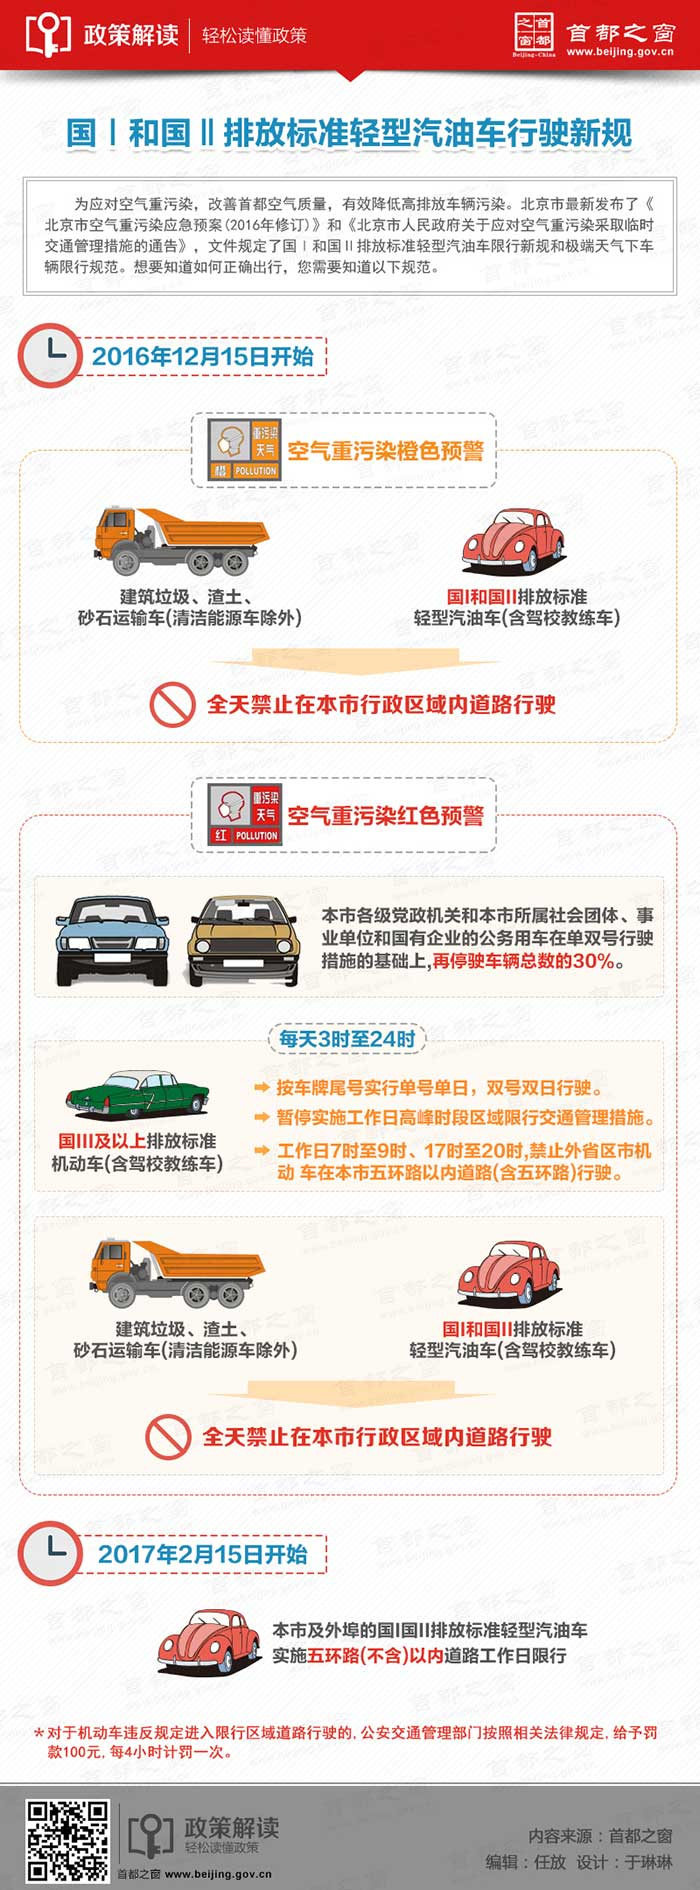 国Ⅰ和国Ⅱ排放标准轻型汽油车行驶新规